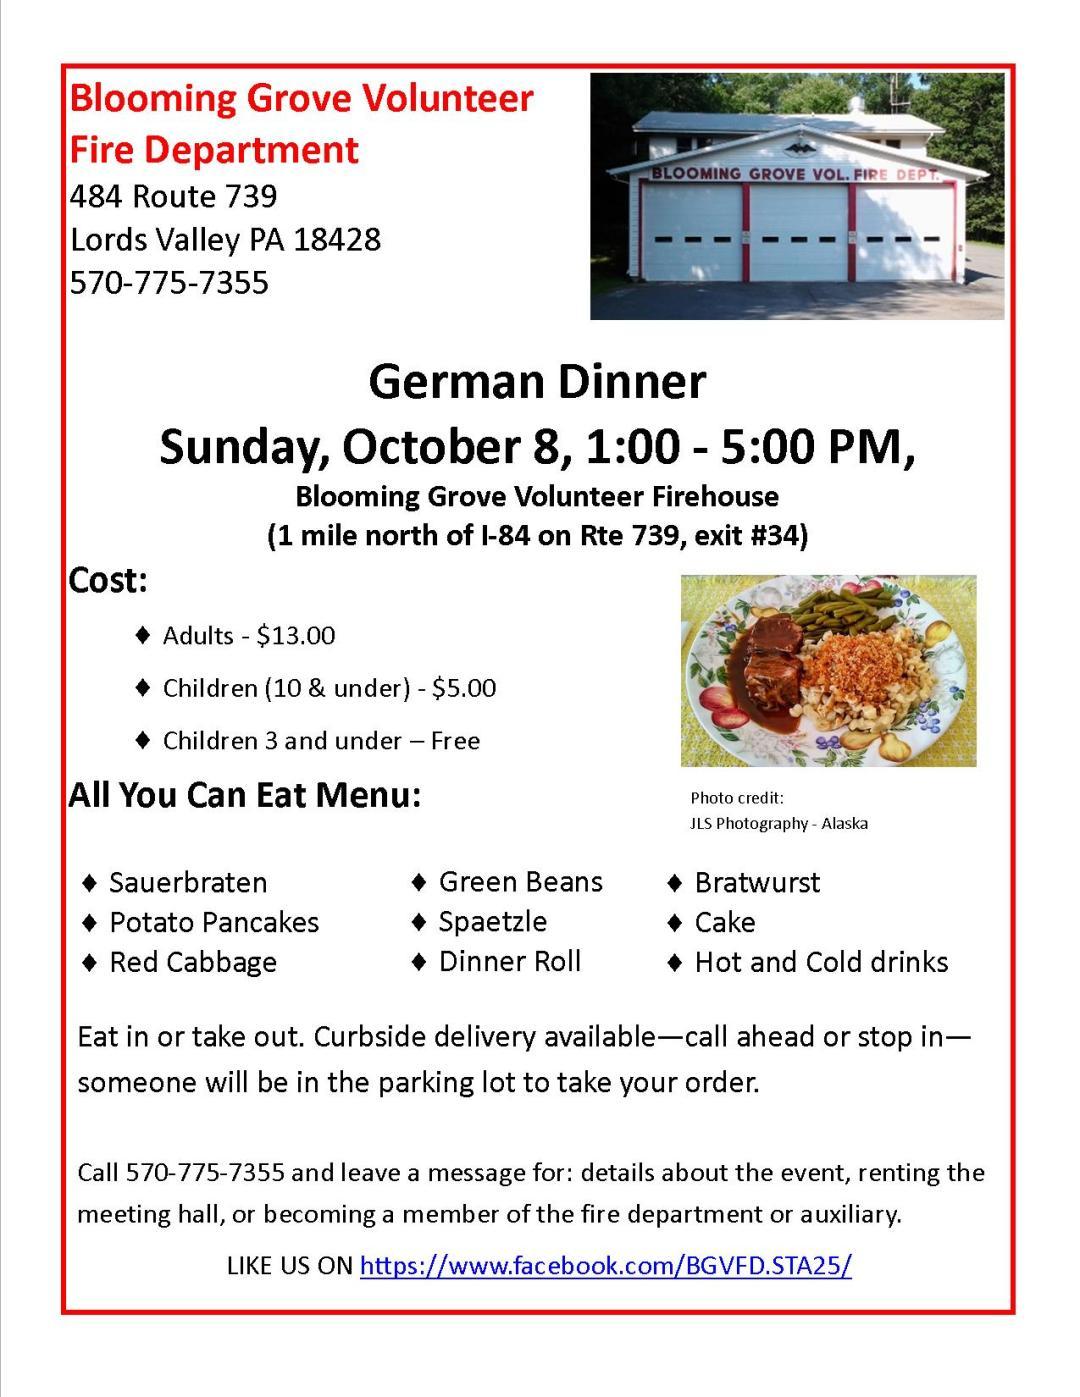 BG Fire Dept German Dinner